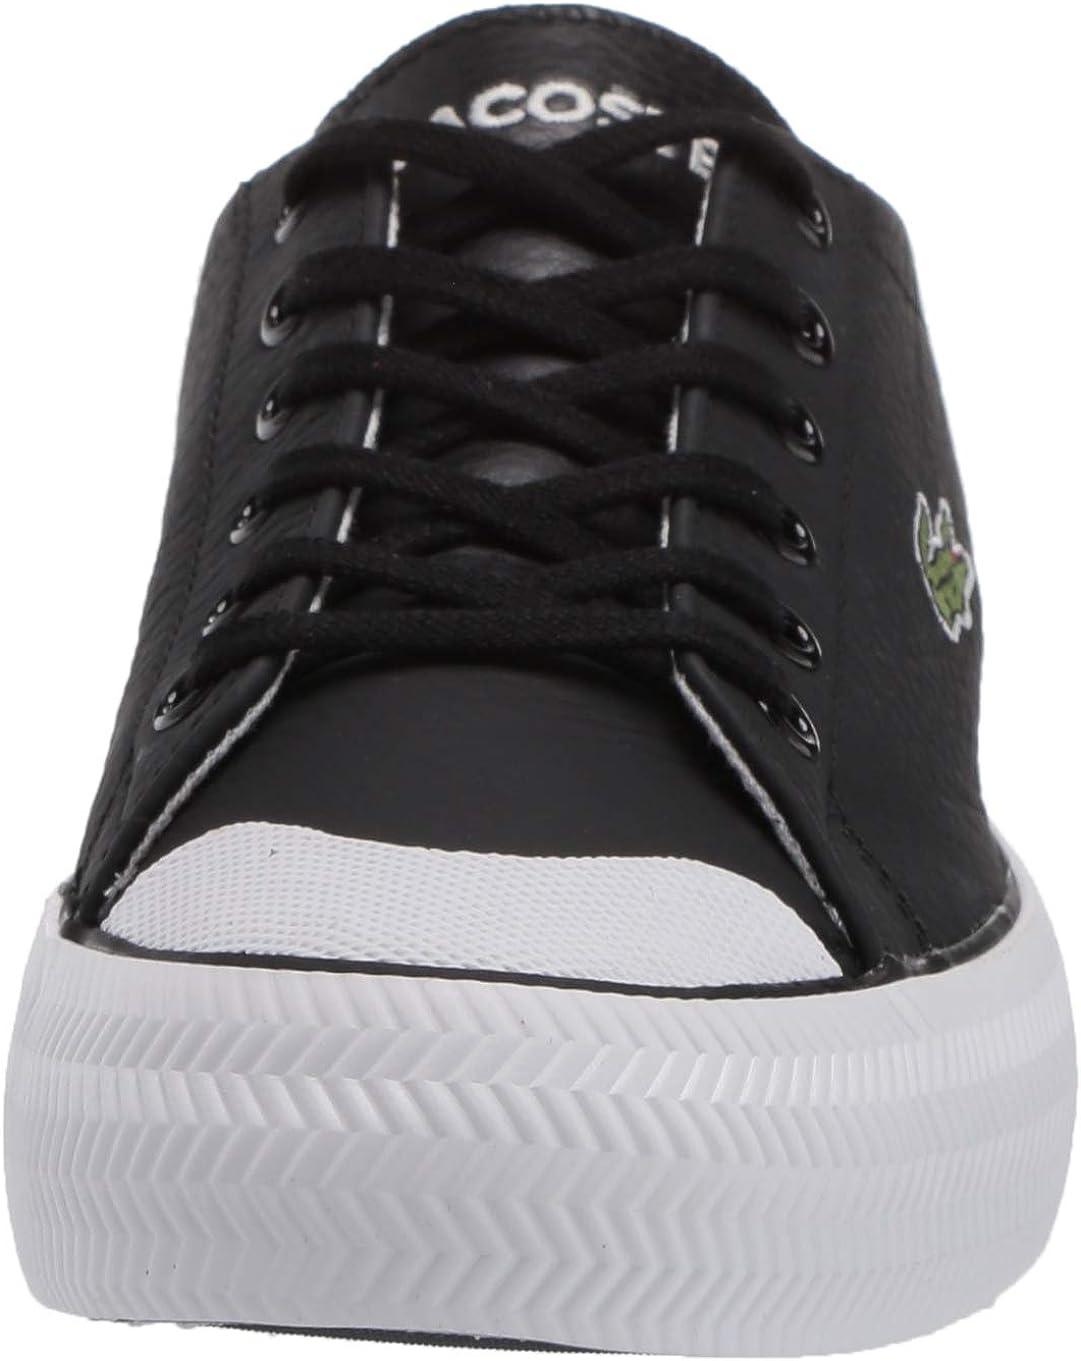 Lacoste Womens Gripshot 120 5 Cfa Sneaker